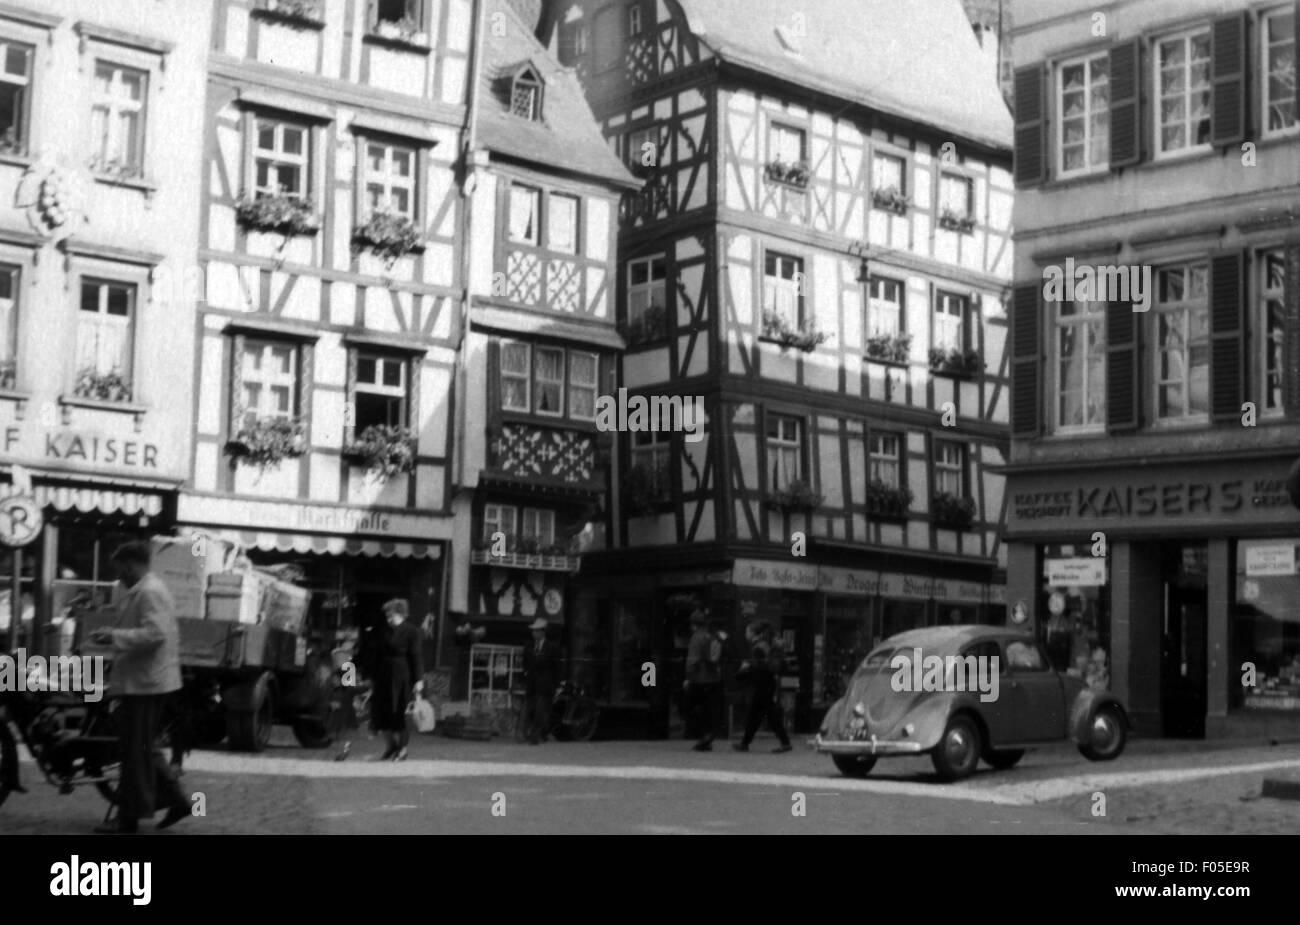 Geographie/Reisen, Deutschland, Rheinland-Pfalz, Bernkastel, Plätze, Marktplatz, erste Hälfte der 1950er Stockbild